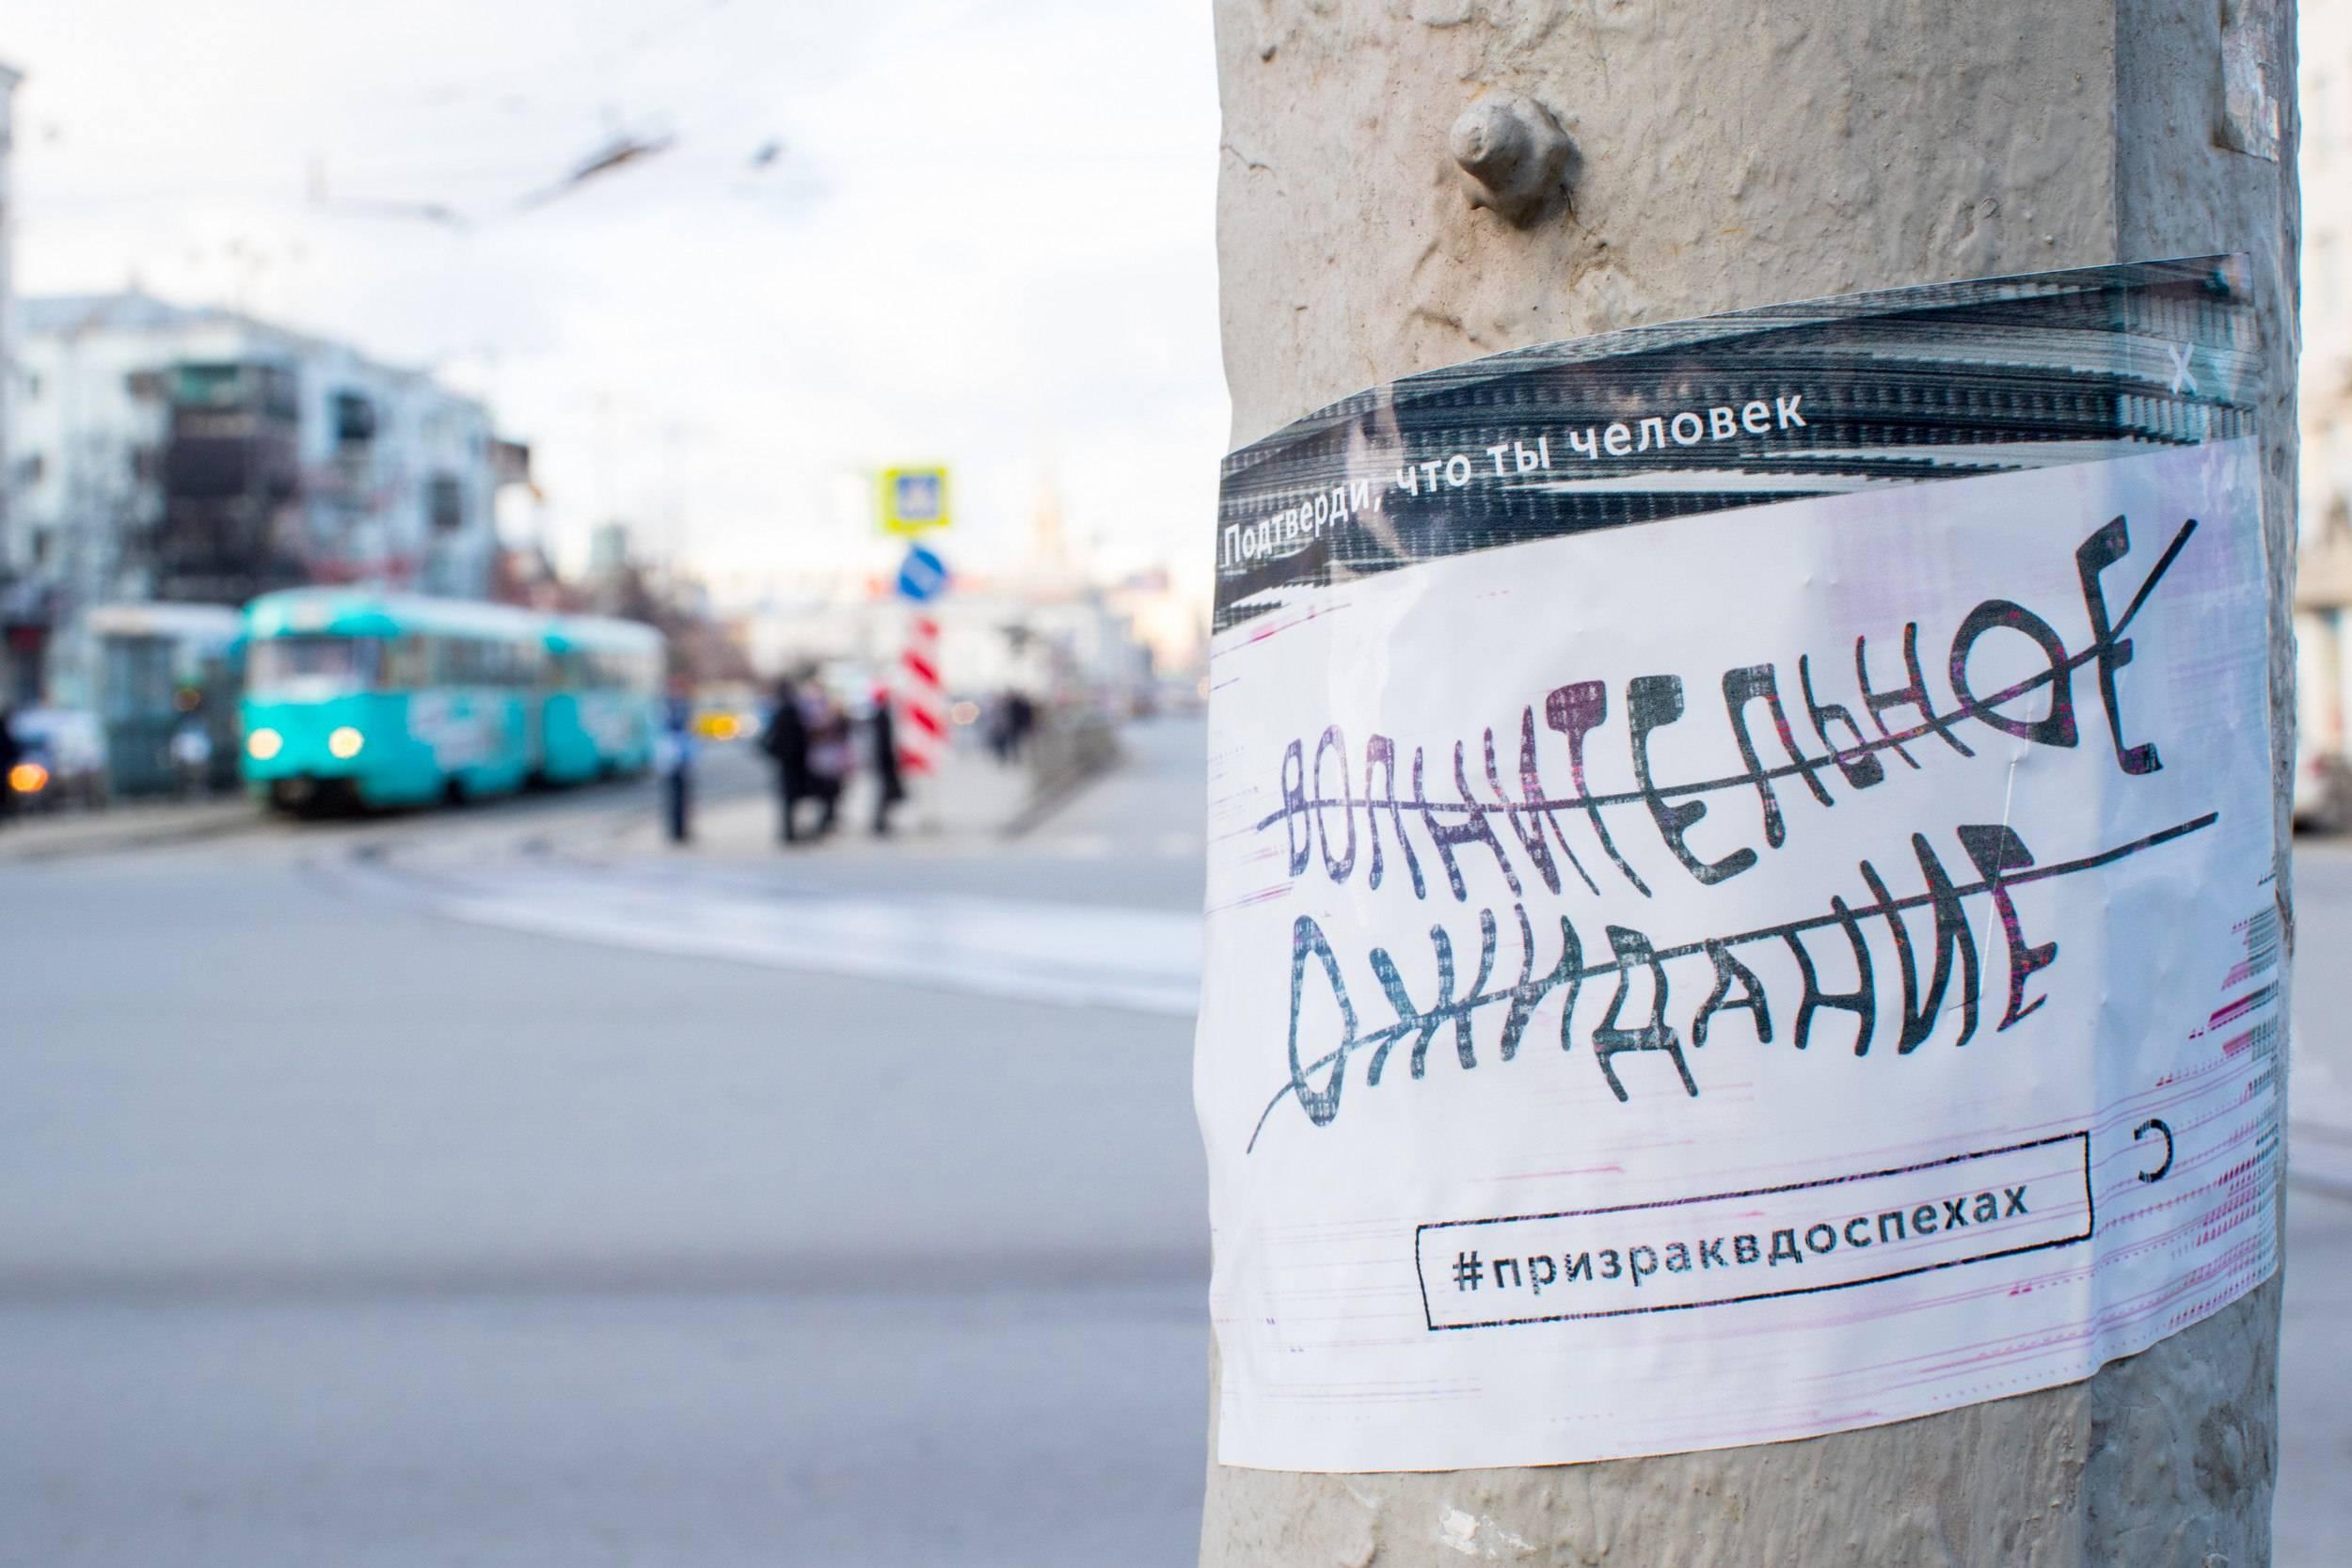 В центре Екатеринбурга вывески заменили «капчей» для отсеивания роботов 5